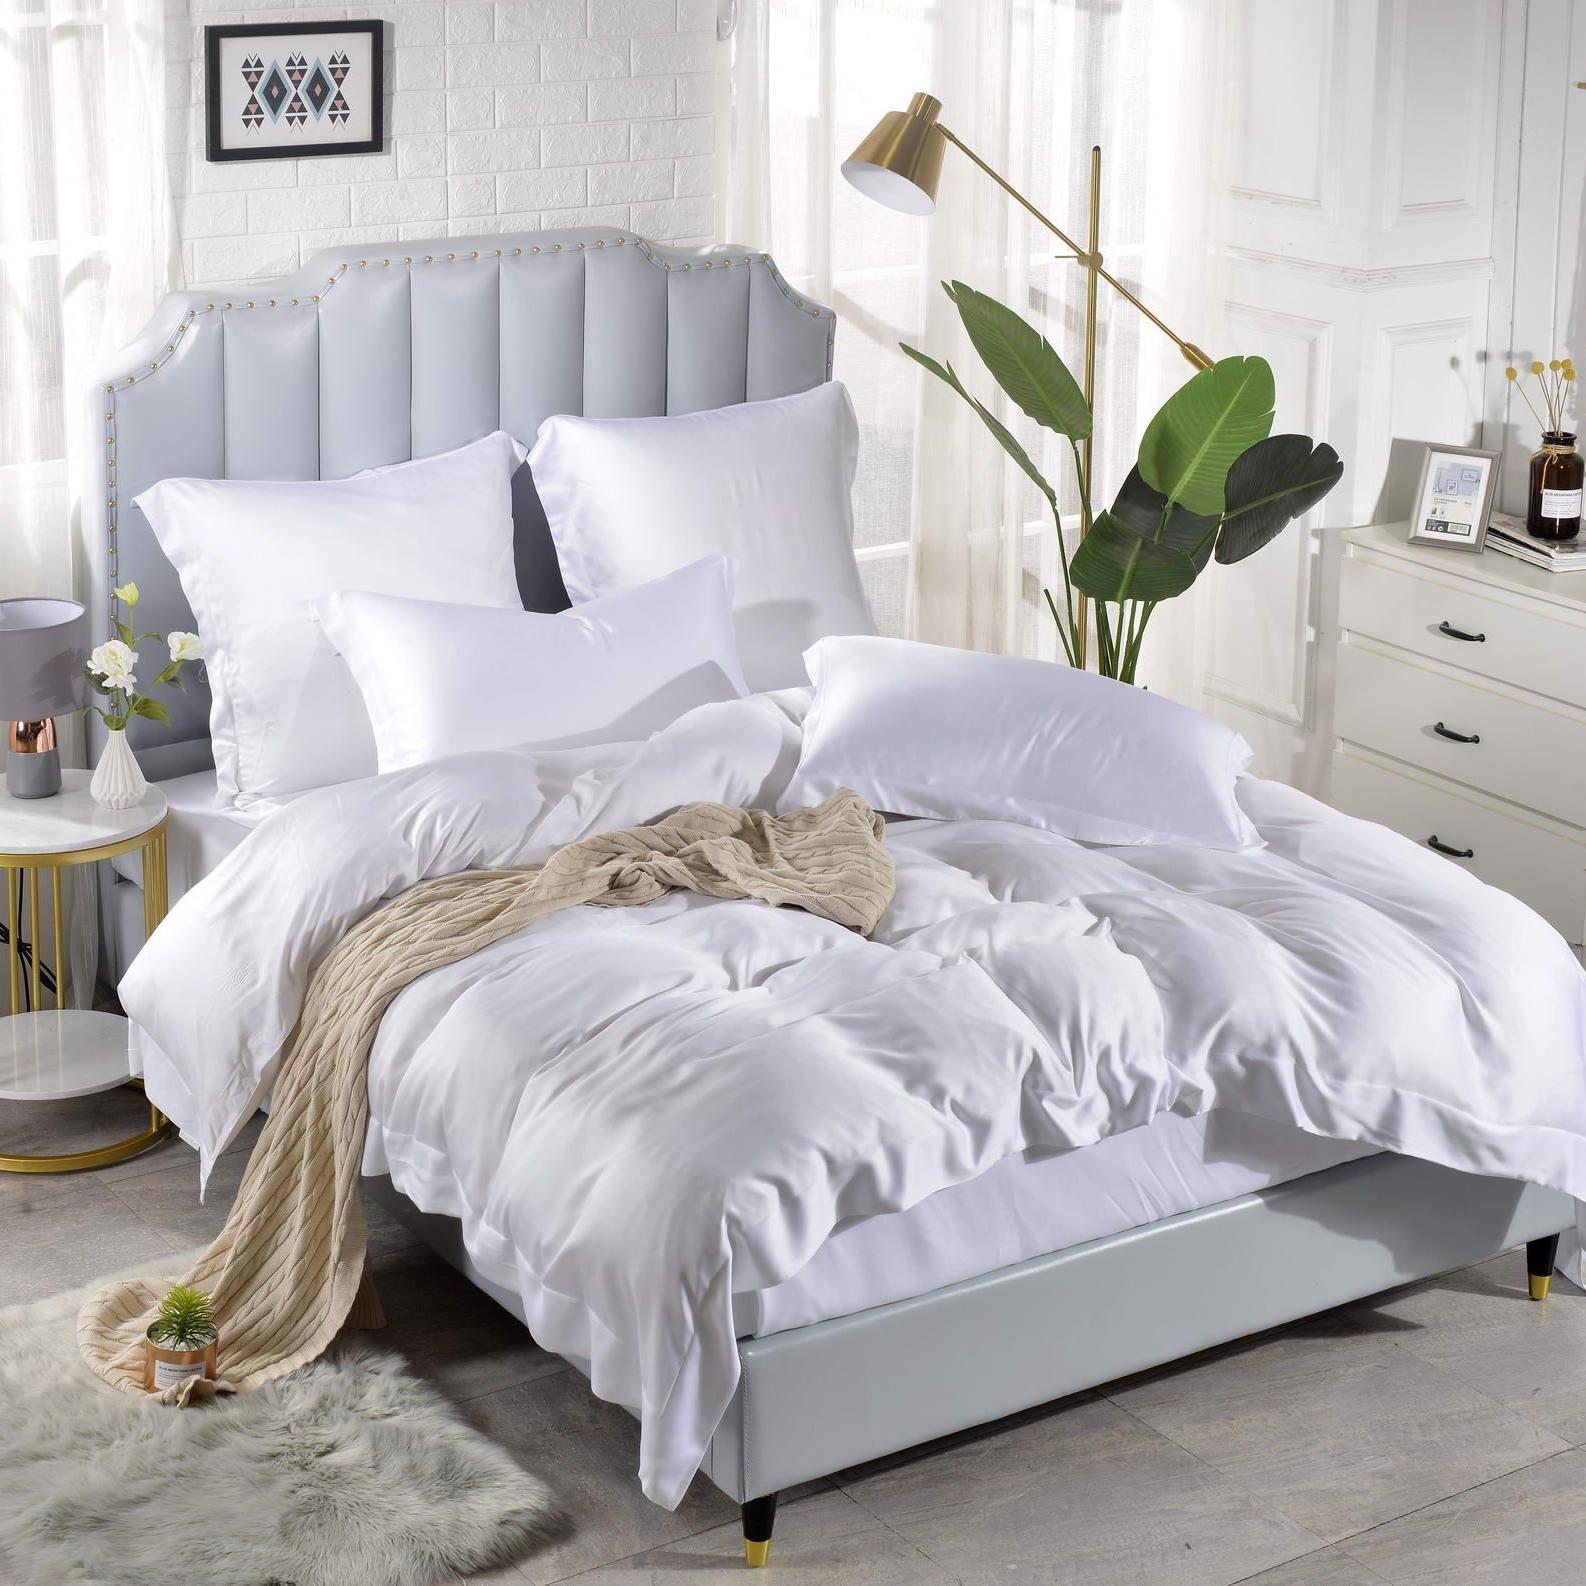 Комплект постельного белья Sofi De Marko Вайлет Двуспальный евро (ЕВРО-Т-1425)